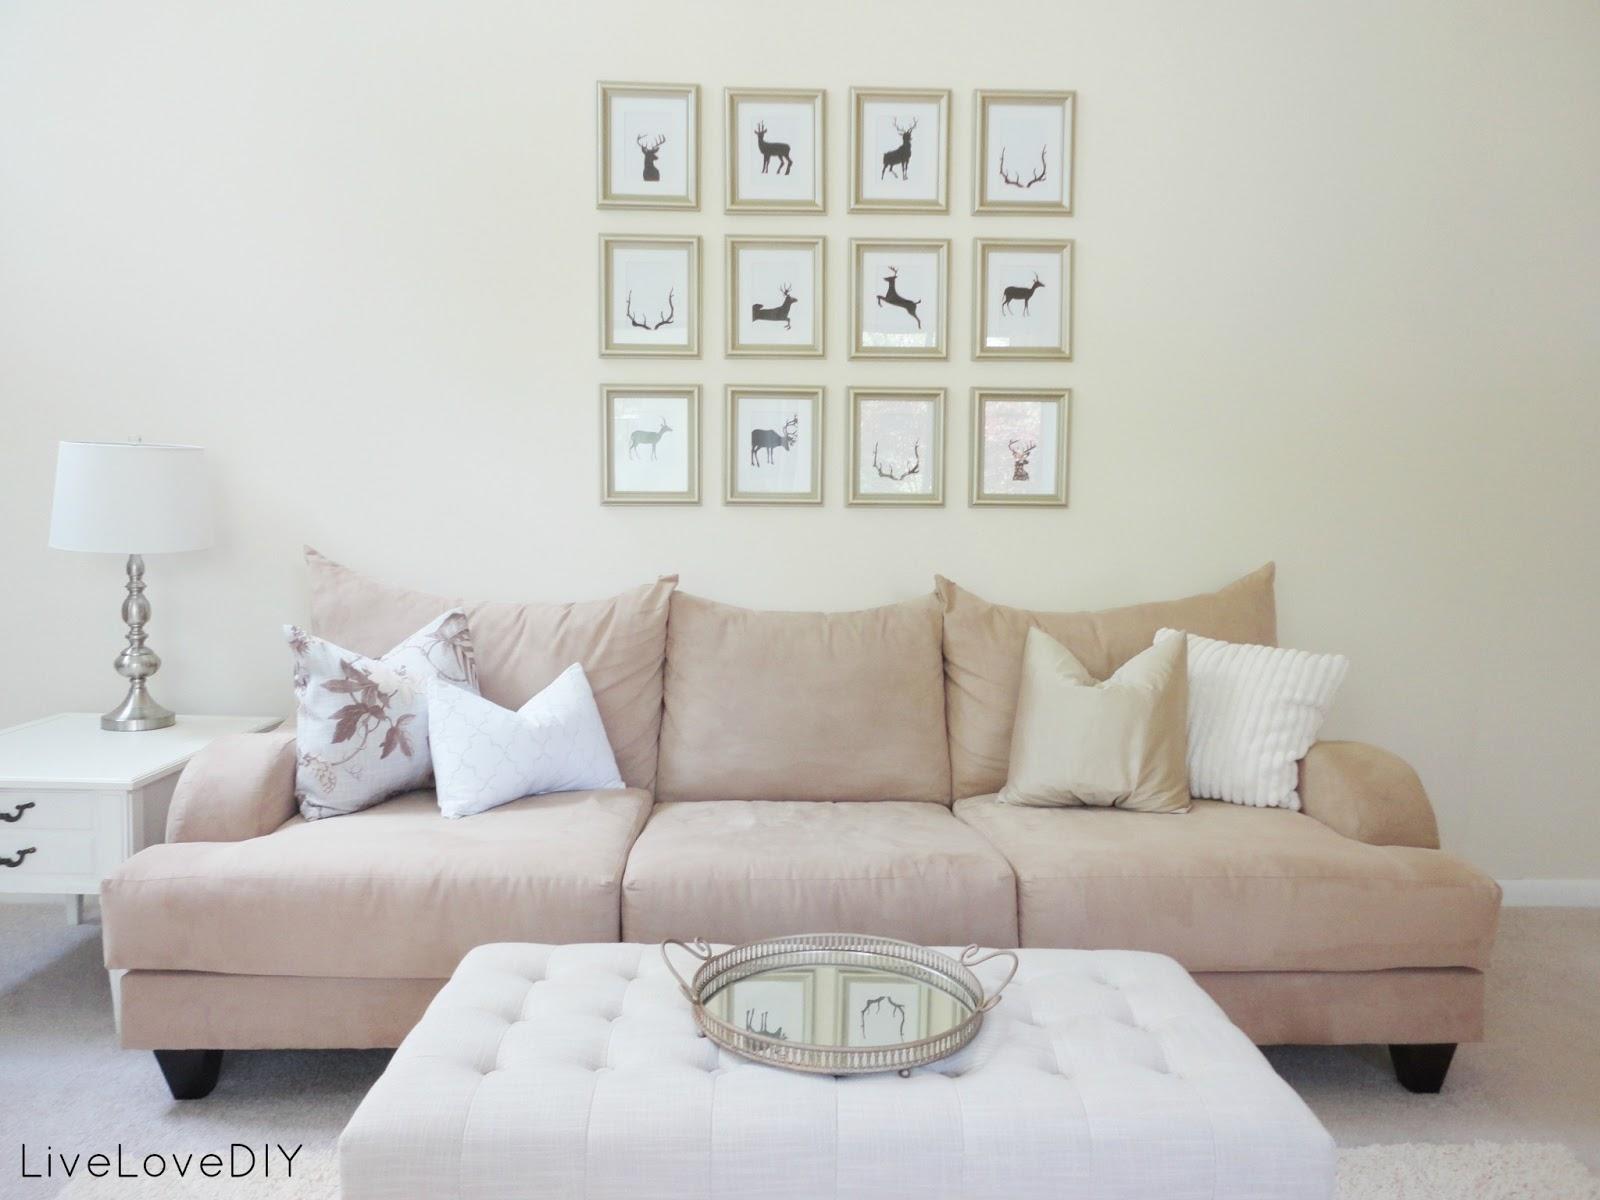 Diy wall art ideas for living room - Livelovediy